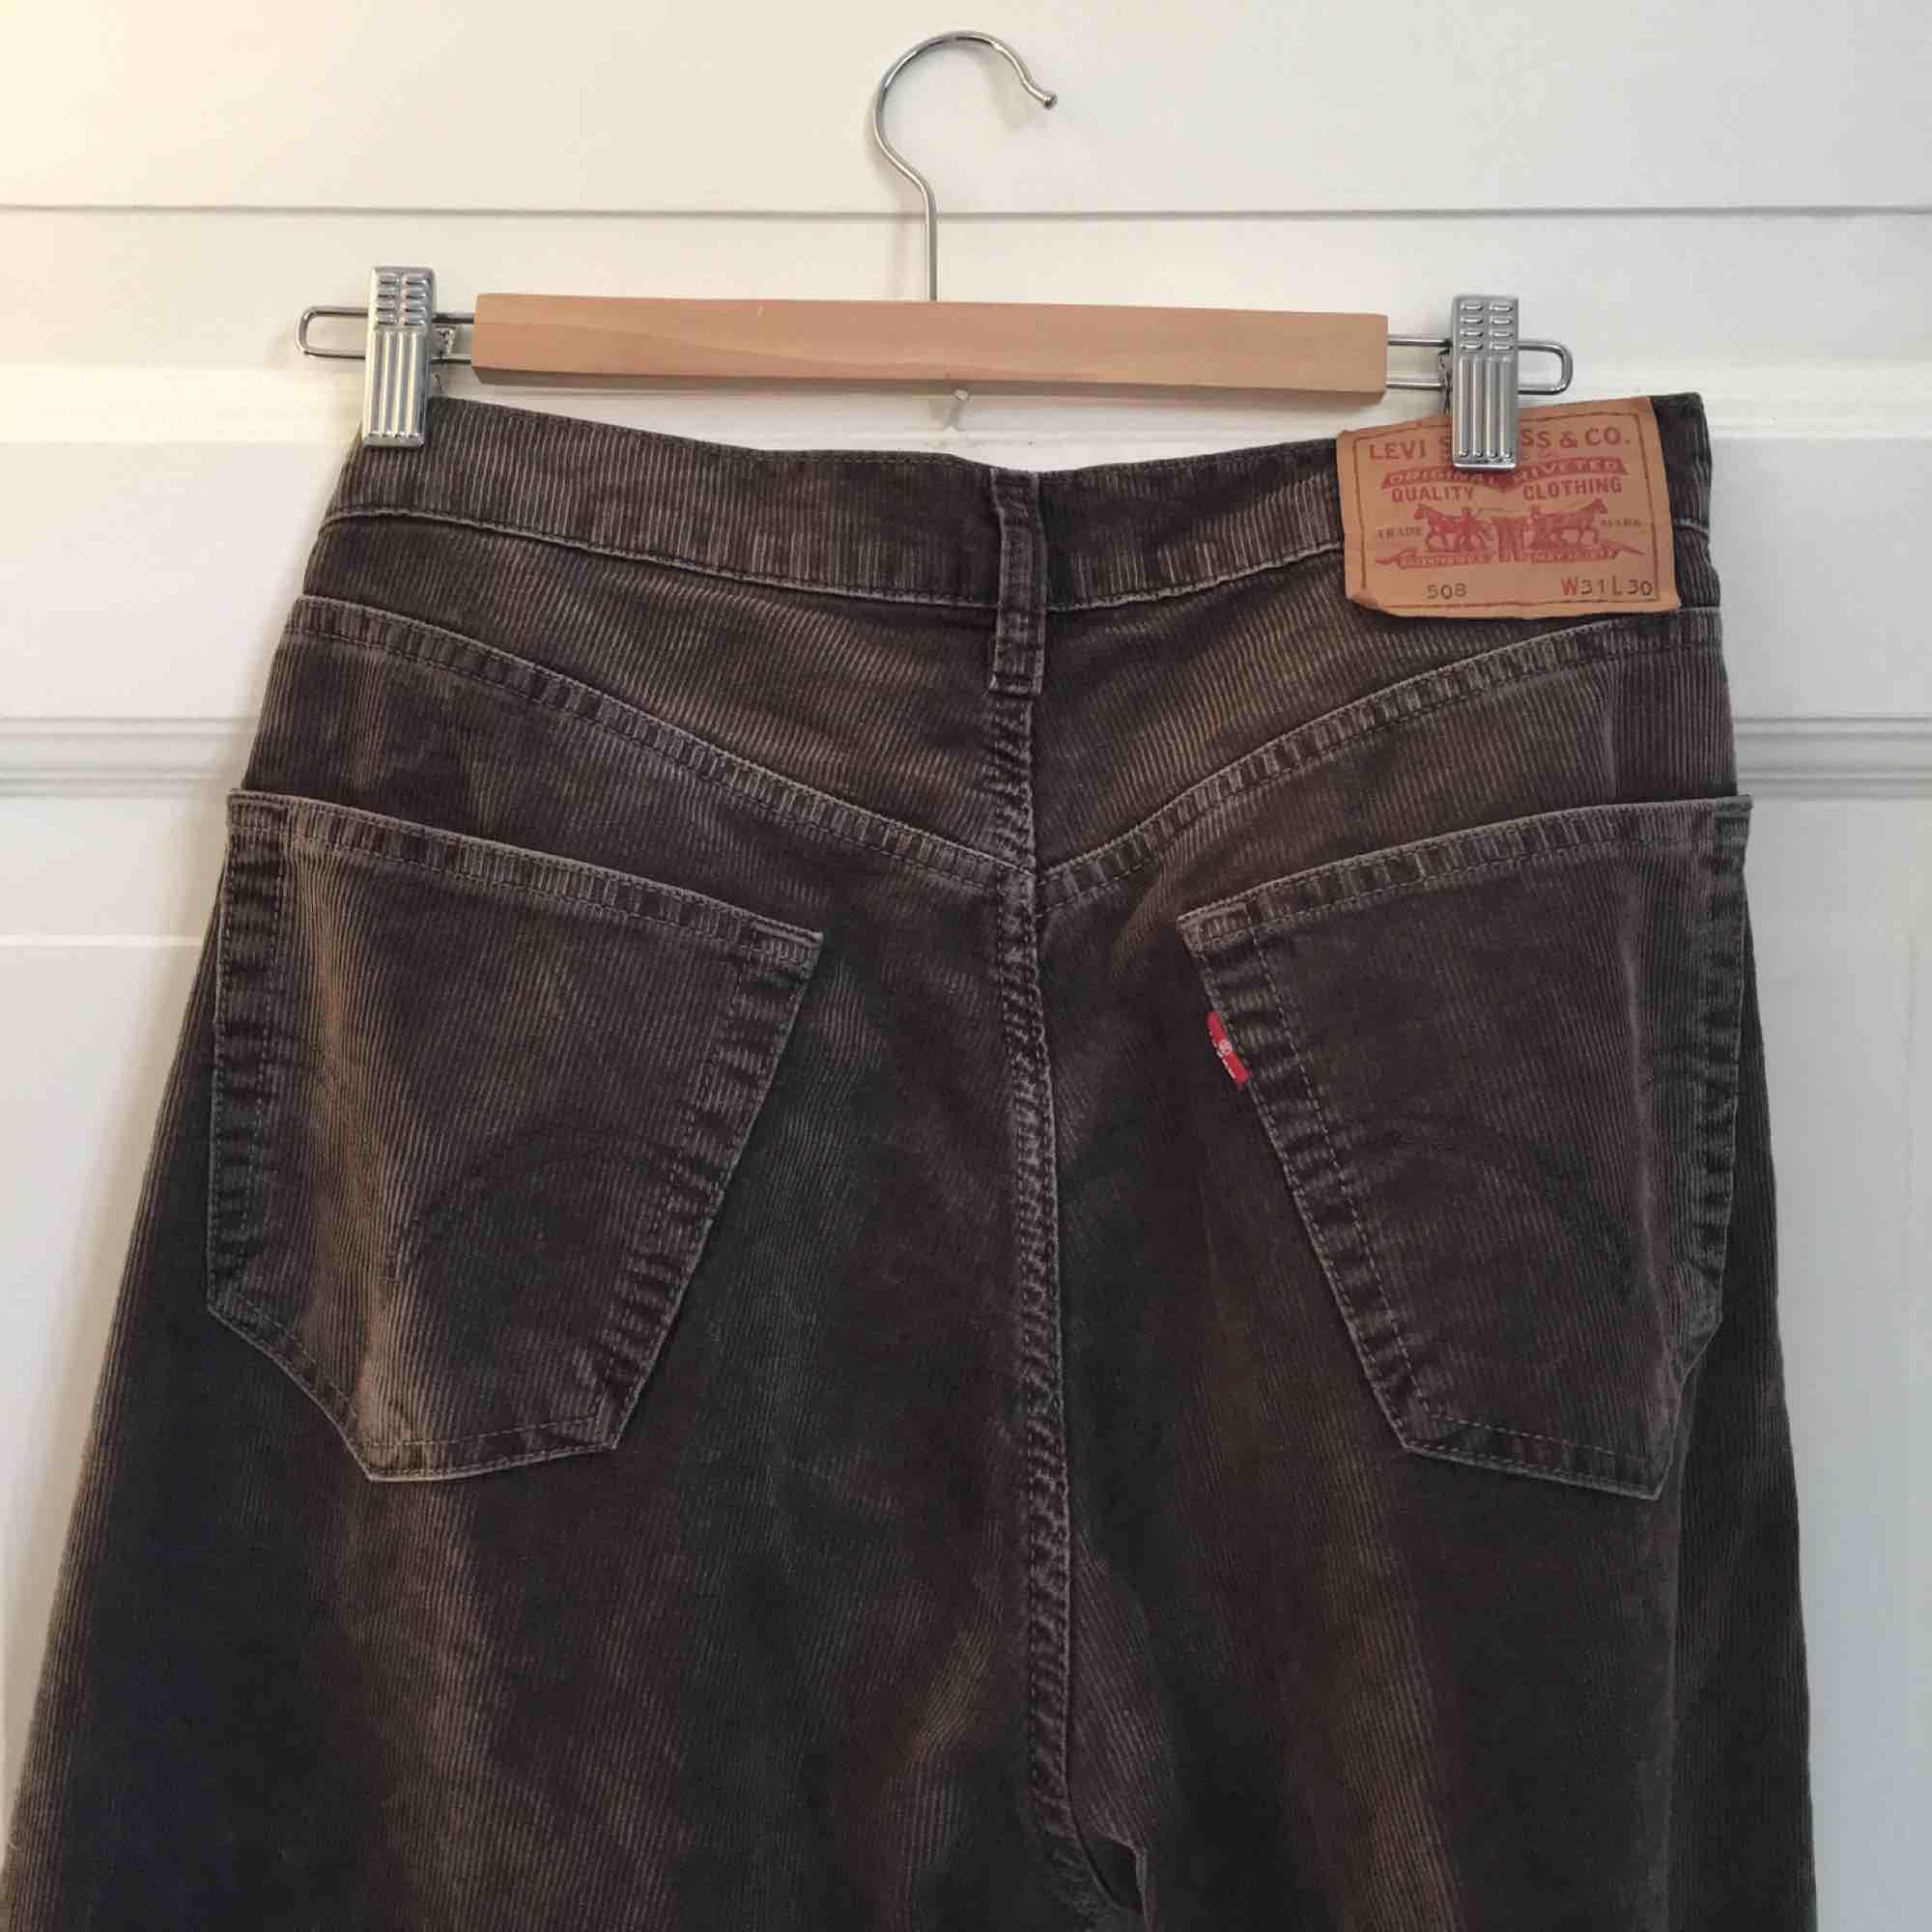 ... Säljer mina rätt så nya Manchester Levis byxor. Säljs då dem är lite  för långa ... 45190f75e3301